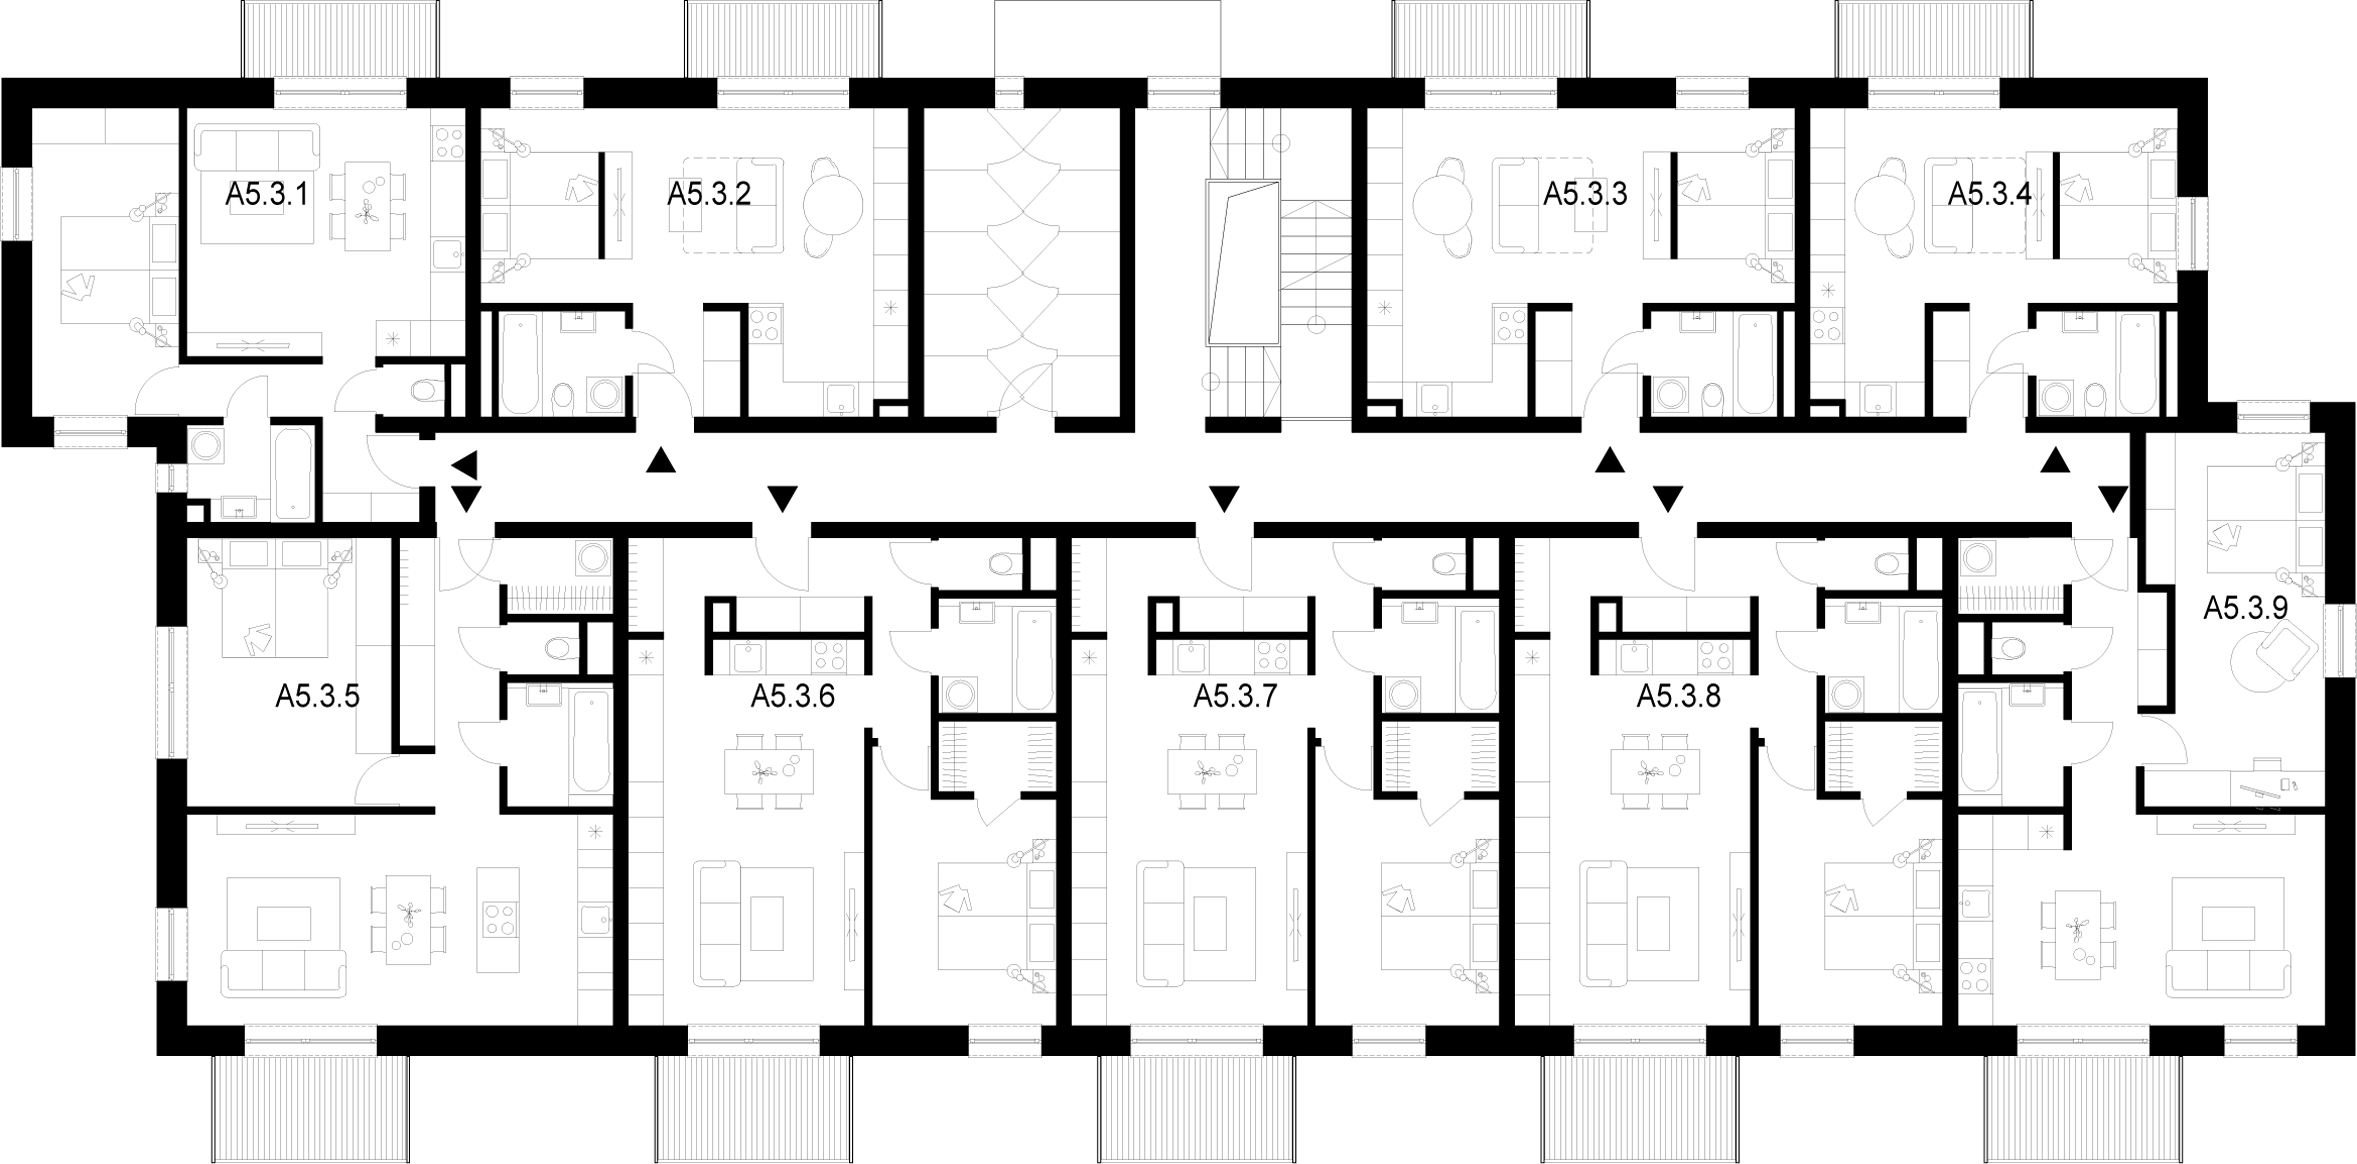 SO-01.A5 – 3. NP